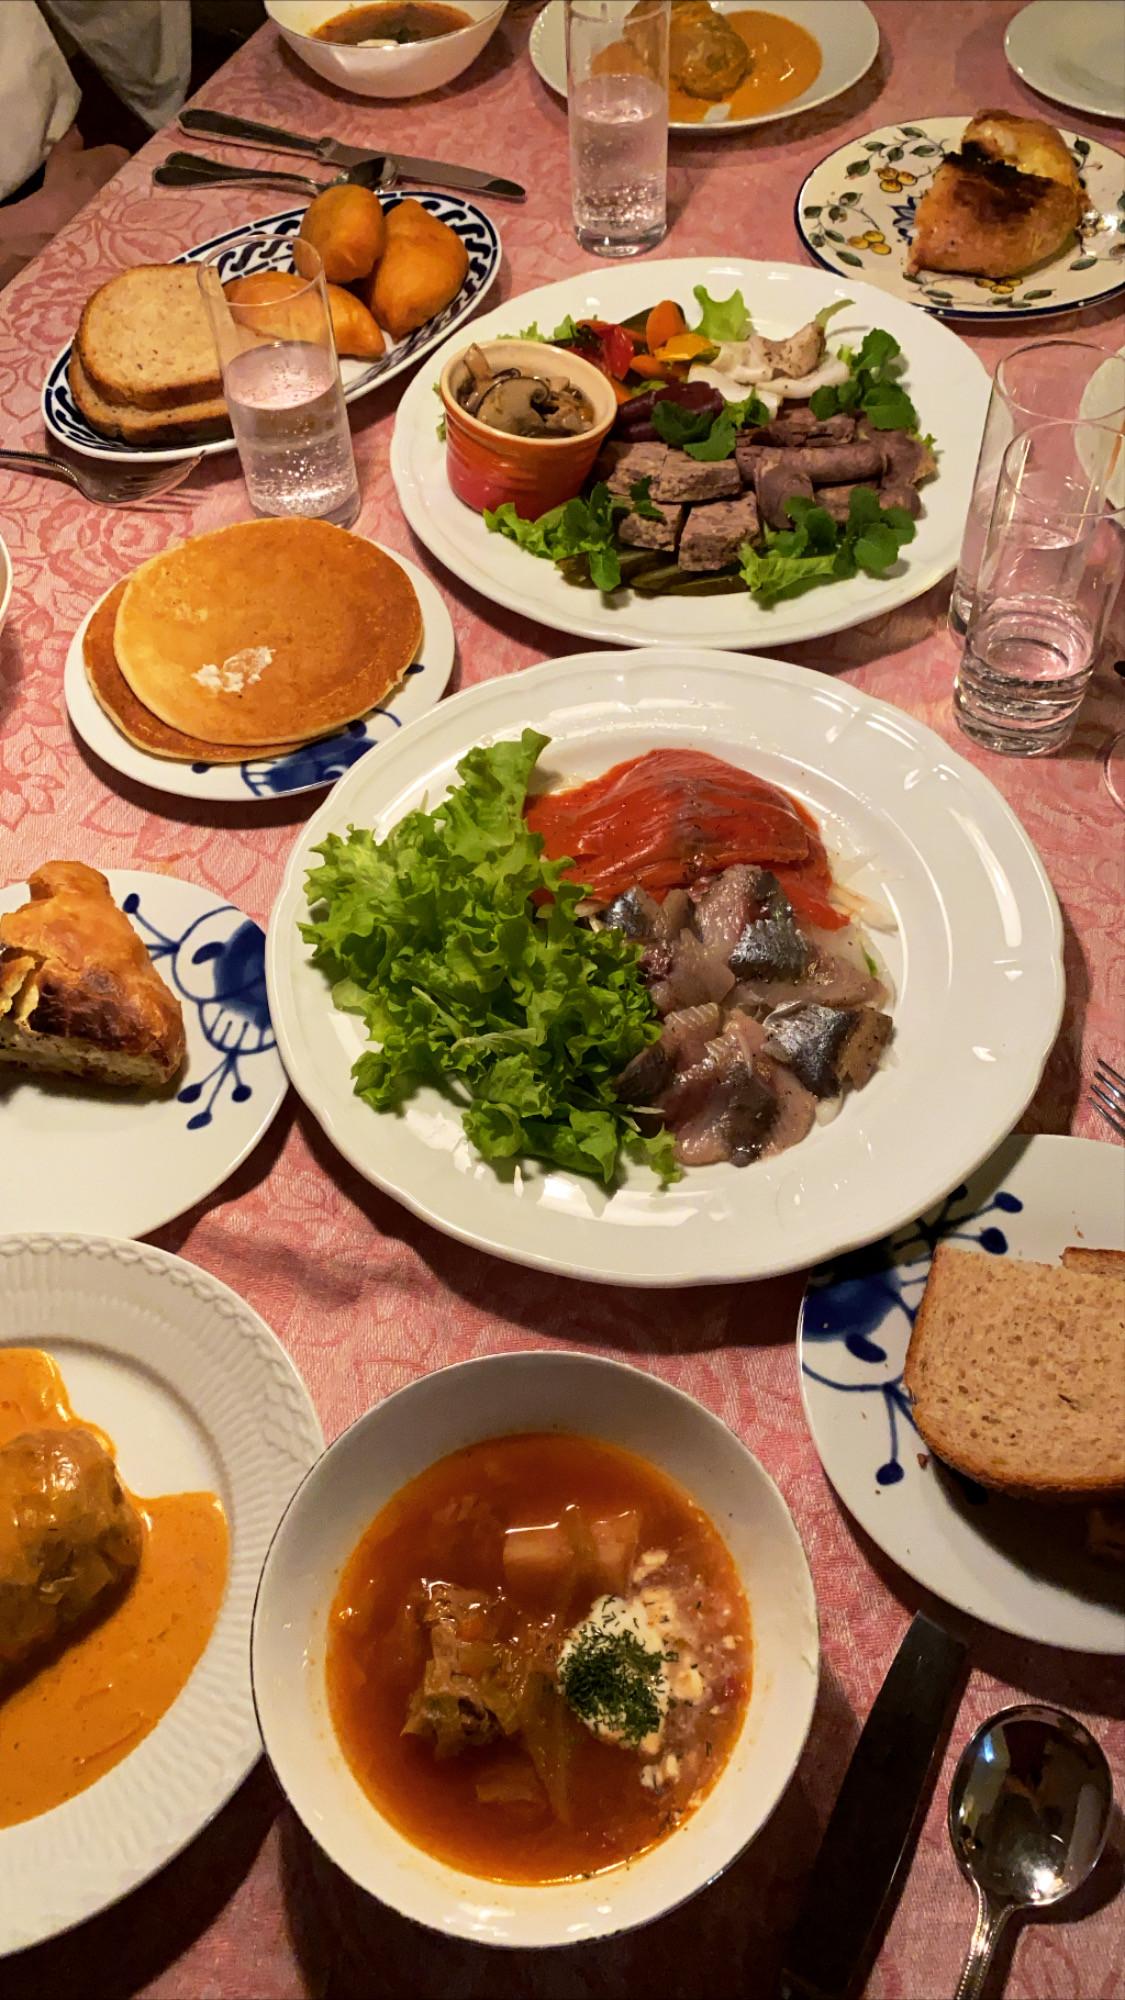 ご家庭でのお食事の様子 前菜盛り合わせ サーモンとニシンのマリネ パンケーキ ピロシキ ハチャプリ